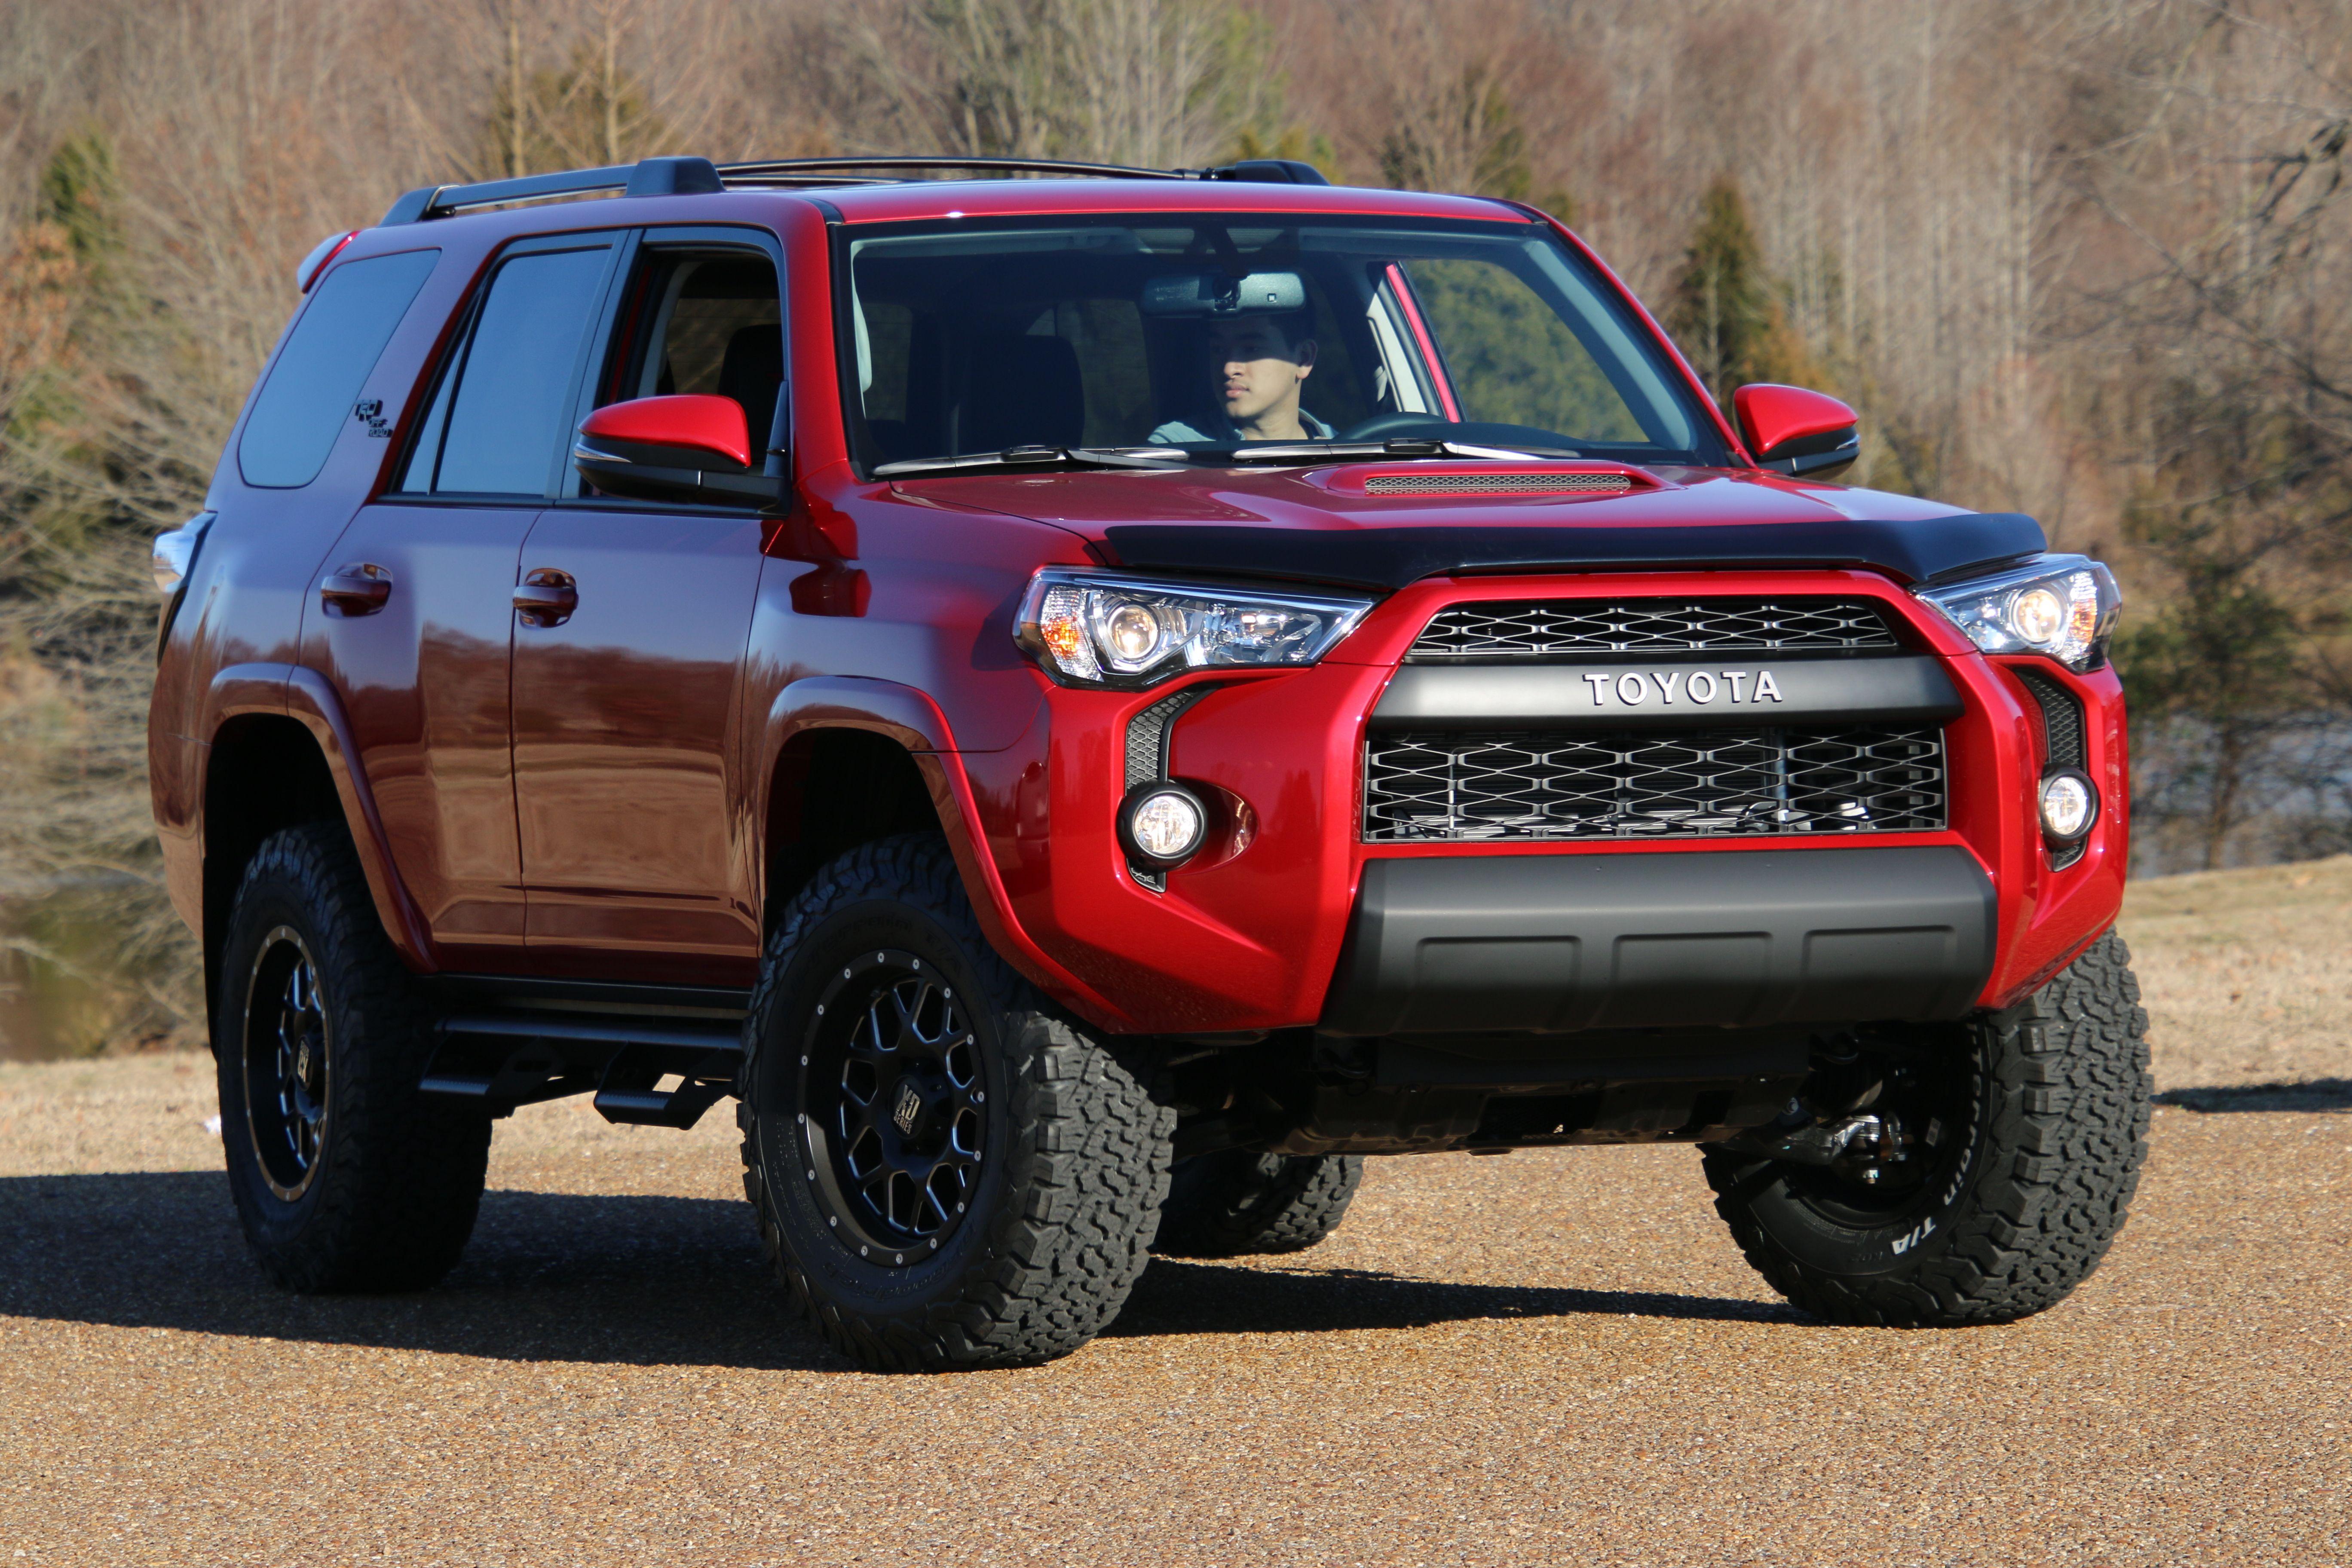 Trd Off Road Red 4runner 4runner Toyota 4runner Trd Toyota Trucks